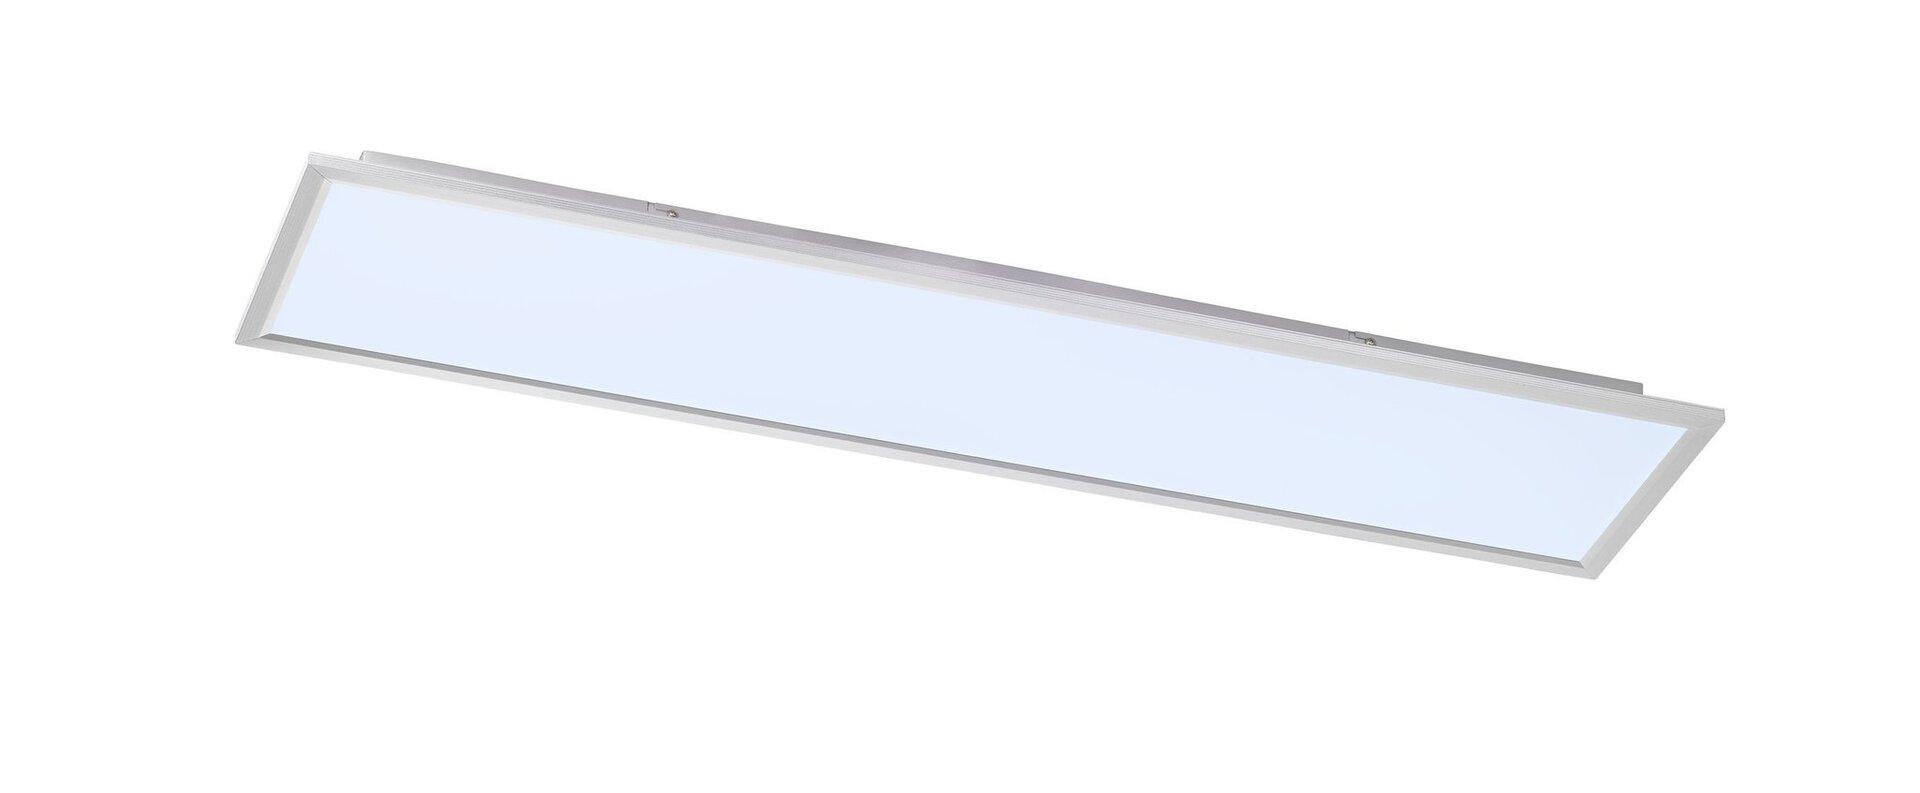 Deckenleuchte Liv Wofi Leuchten Kunststoff silber 30 x 6 x 120 cm